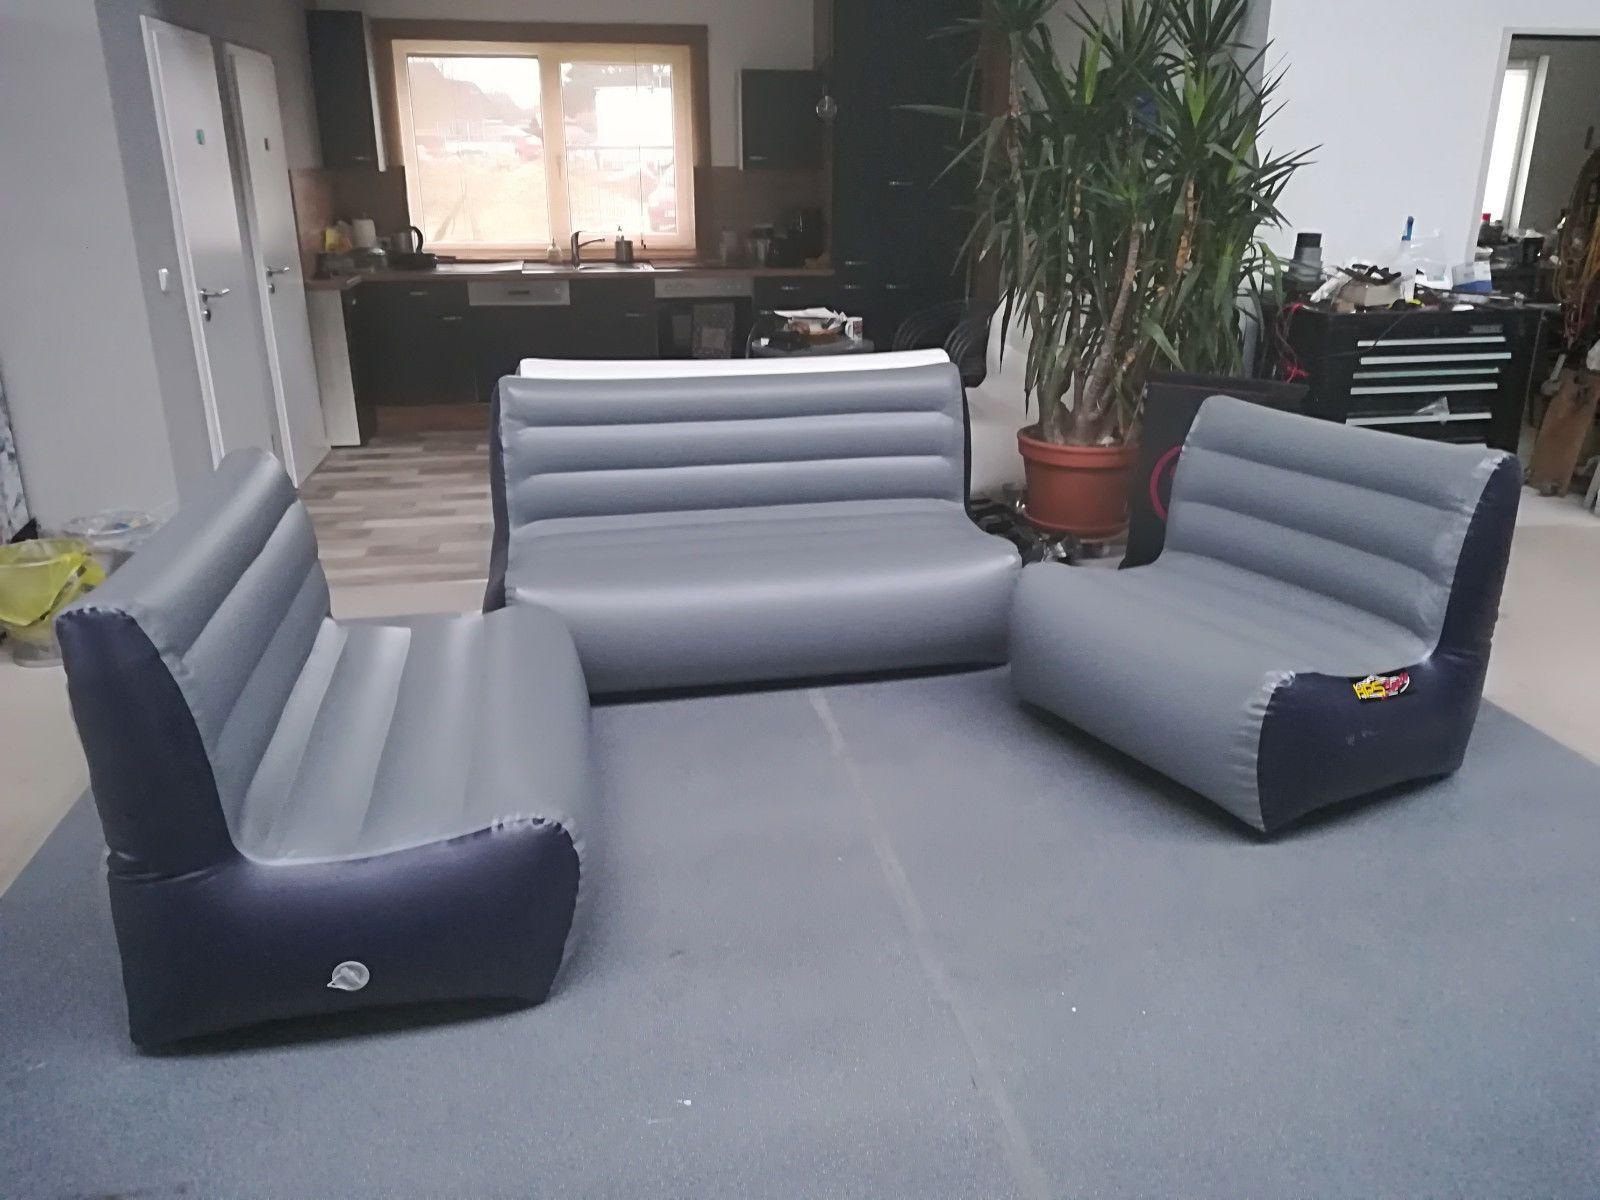 Aufblasbares Sofa In Schlauchboot Qualitat Sessel 2er Aufblasbares Sofa In Schlauchboot Qualitat Sessel 2er Oder Gartenmobel Sets Schlauchboot Aufblasbar